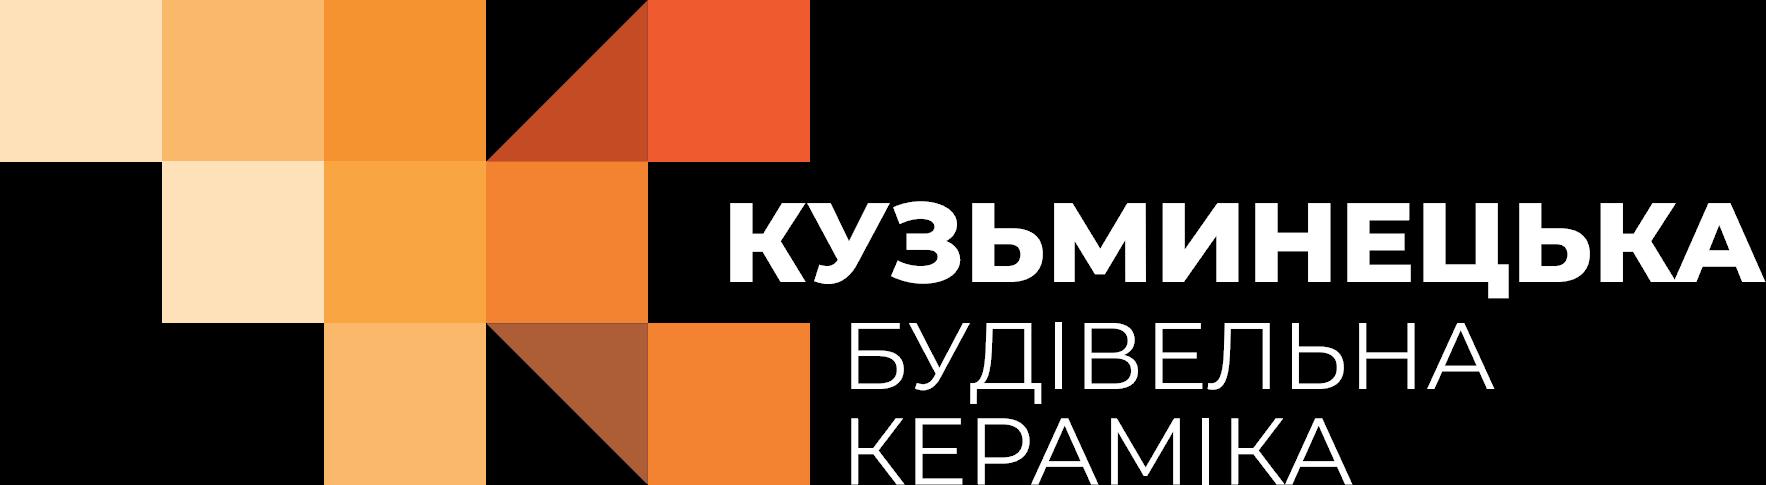 Кузьминецька Будівельна Кераміка